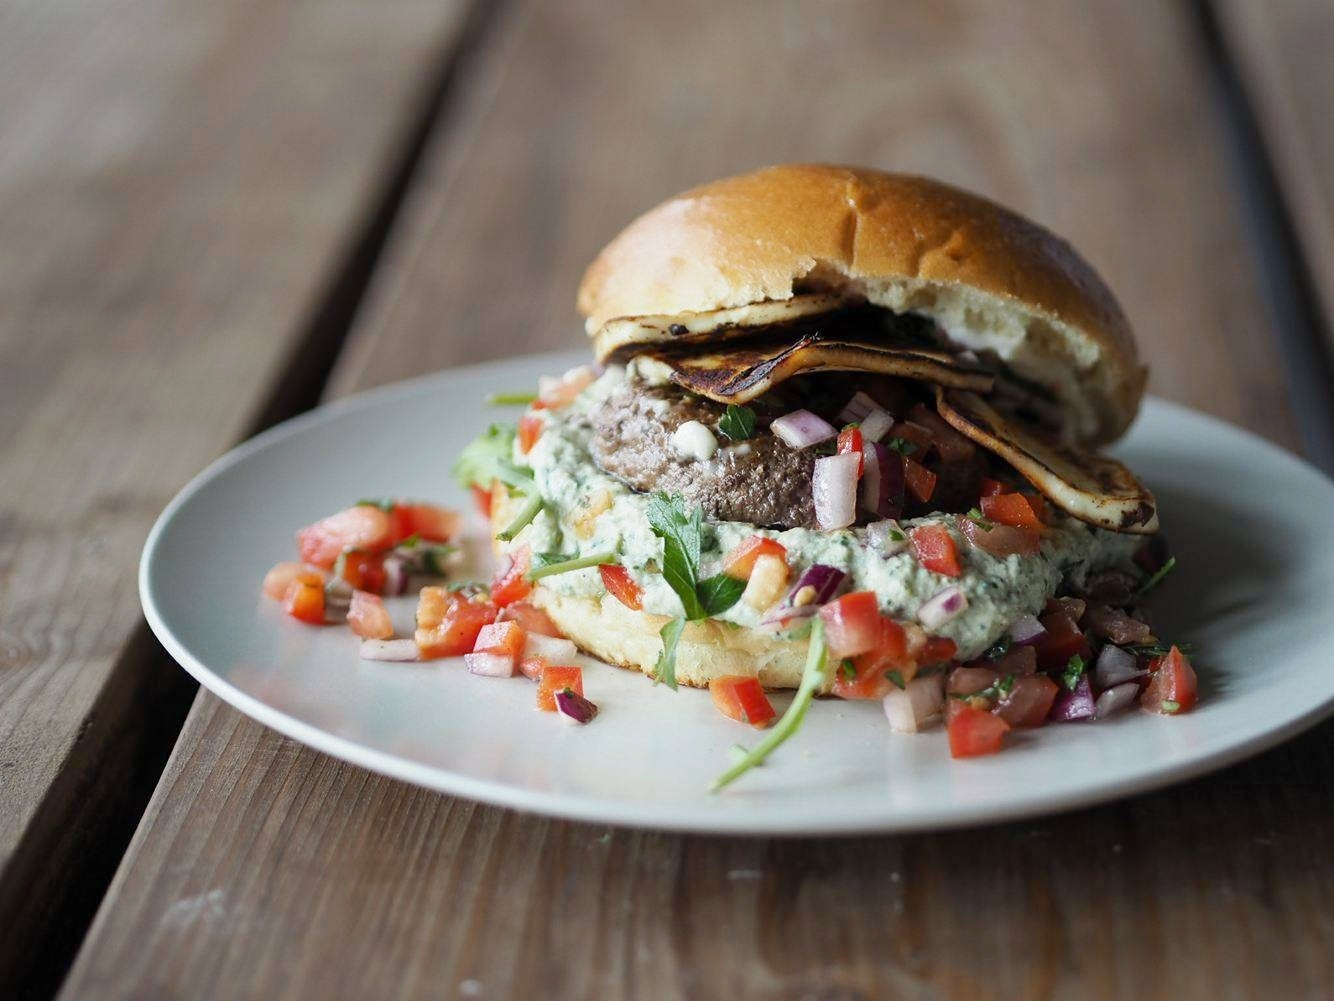 Burger med grillost, salsa og ruccola creme